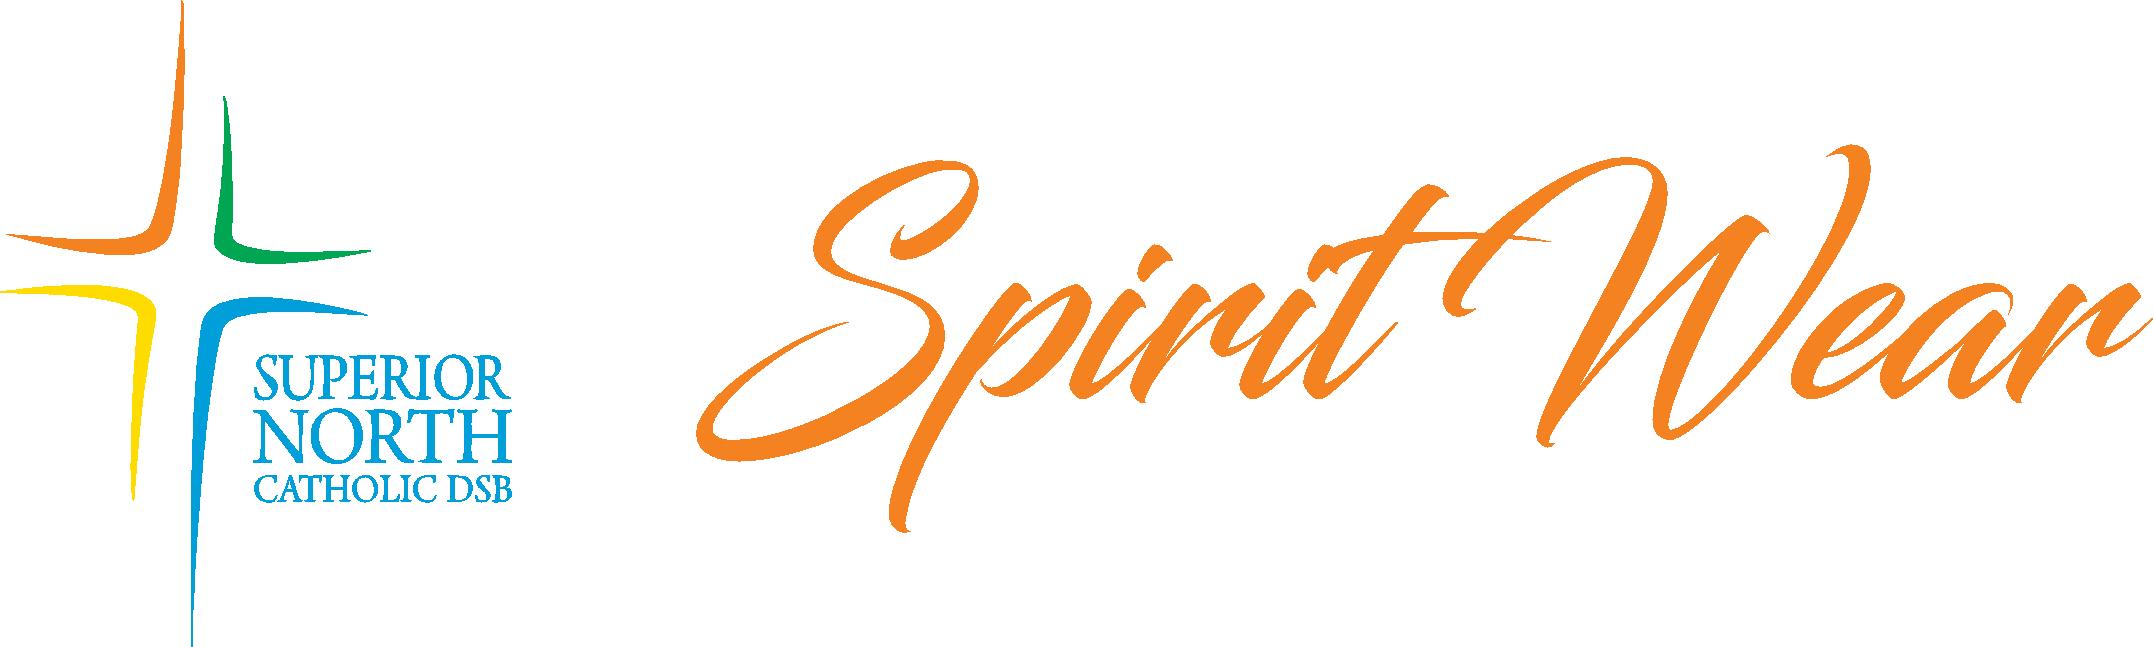 spiritwear.png